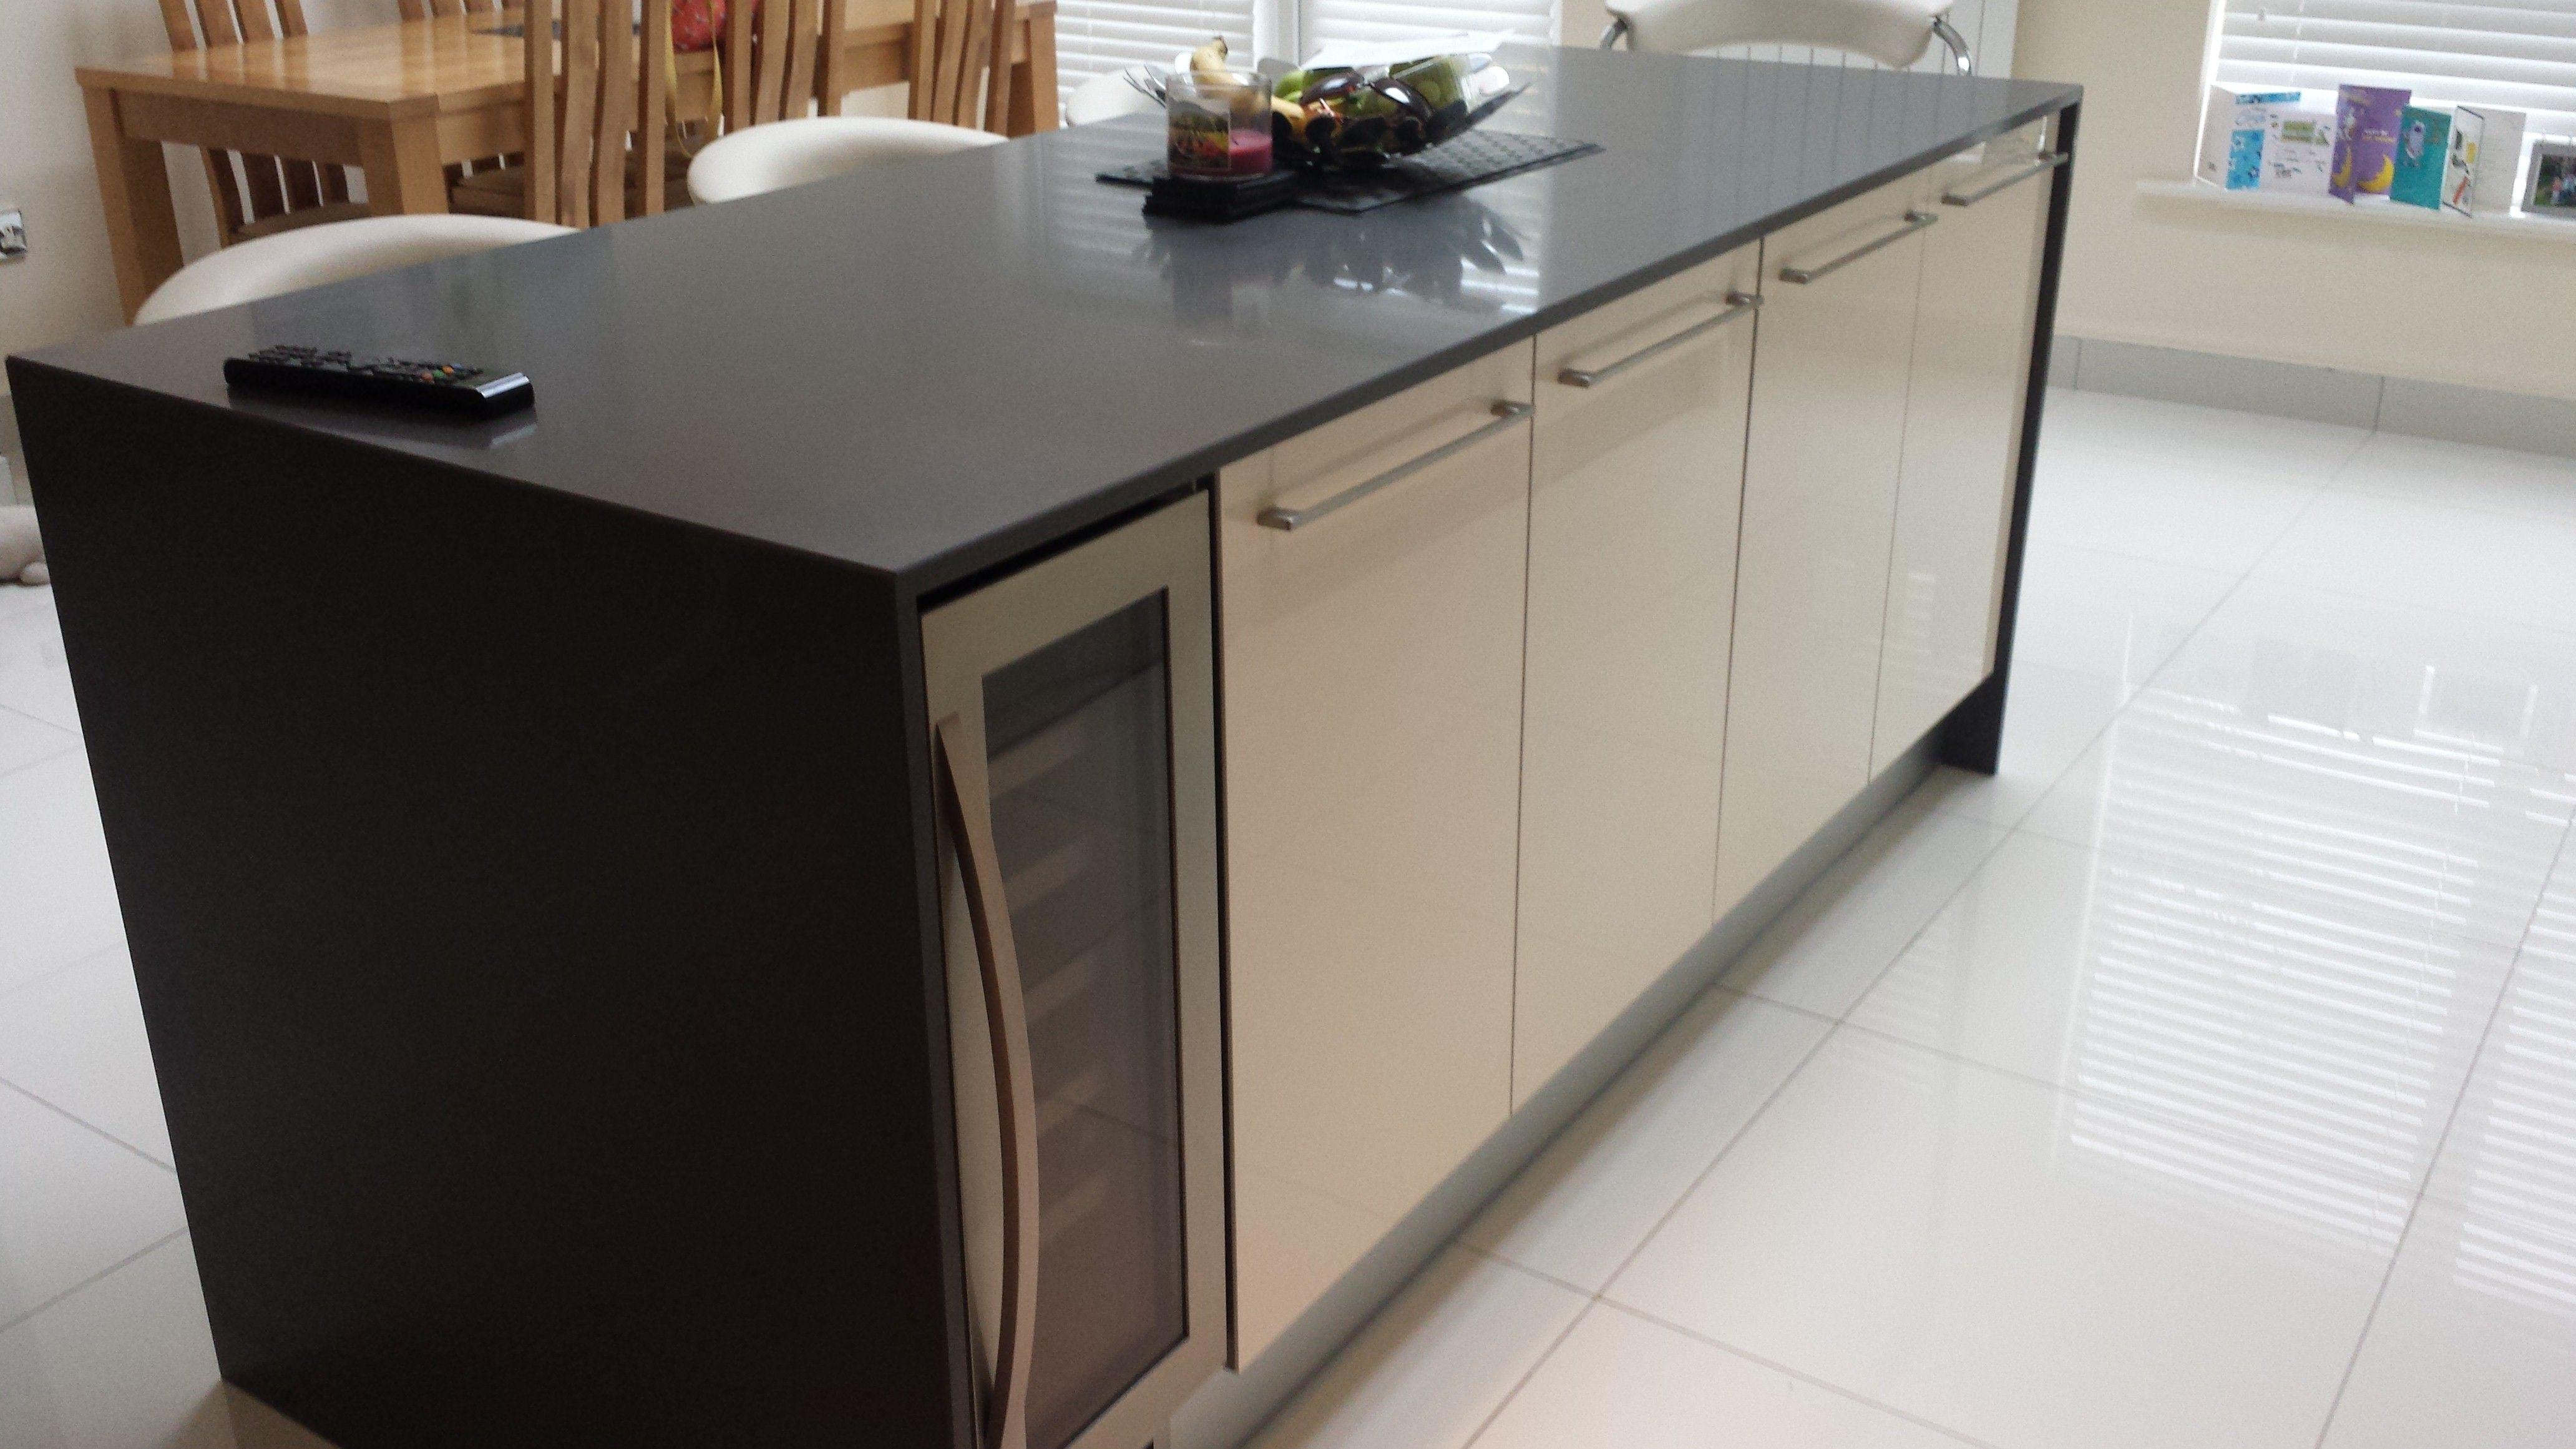 Silestone cemento spa kitchen countertops pinterest - Silestone cemento spa ...